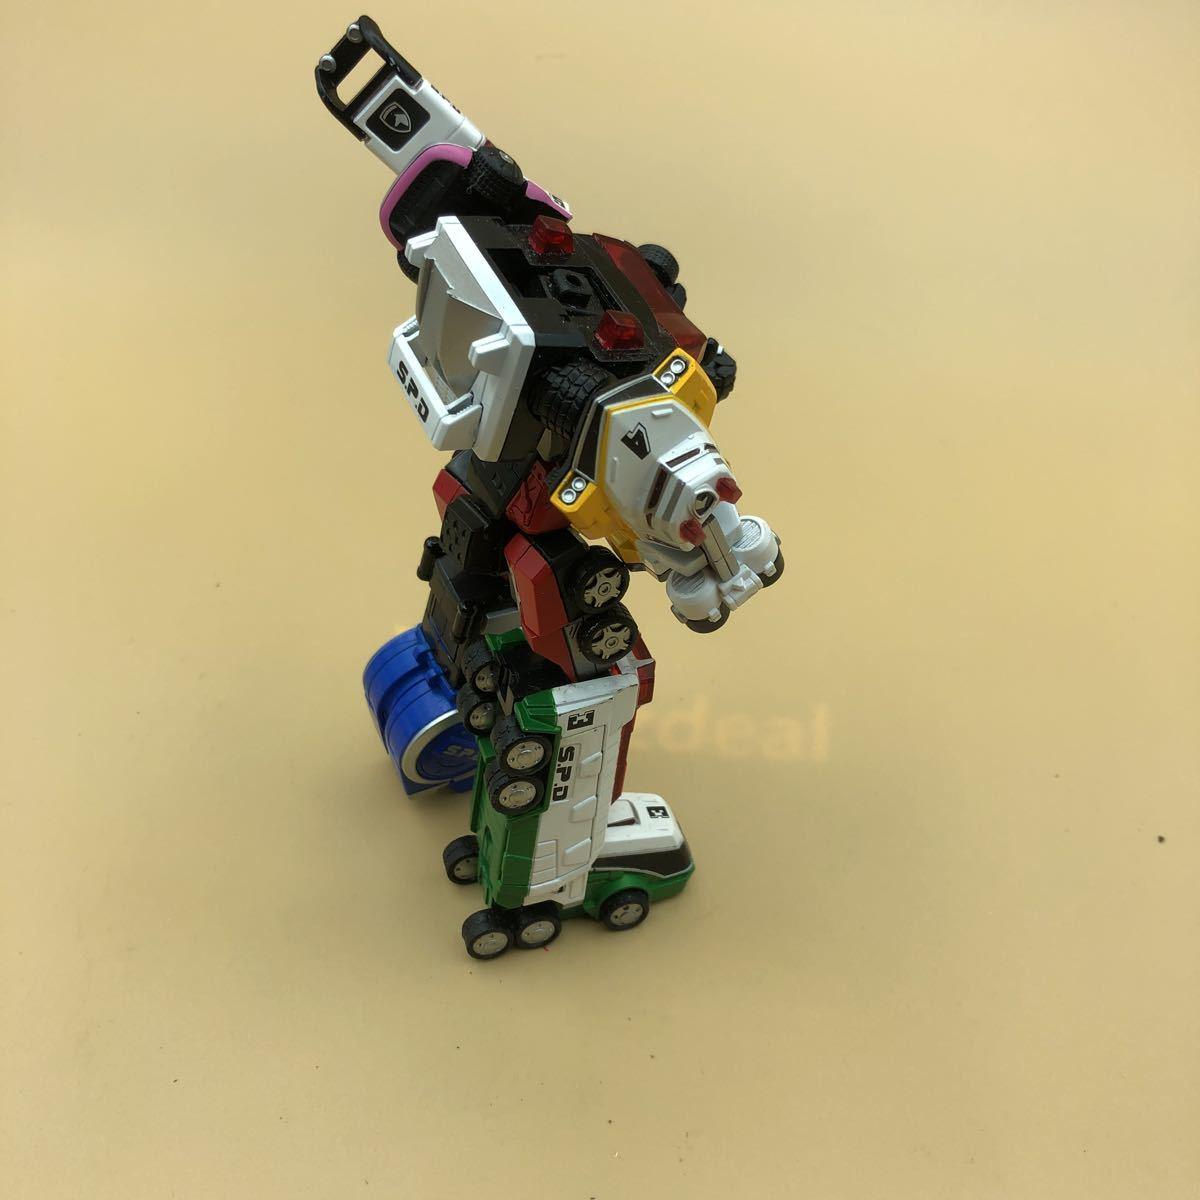 戦隊シリーズ スーパーロボット超合金 特捜戦隊デカレンジャー デカレンジャーロボ パーツ欠損有_画像6